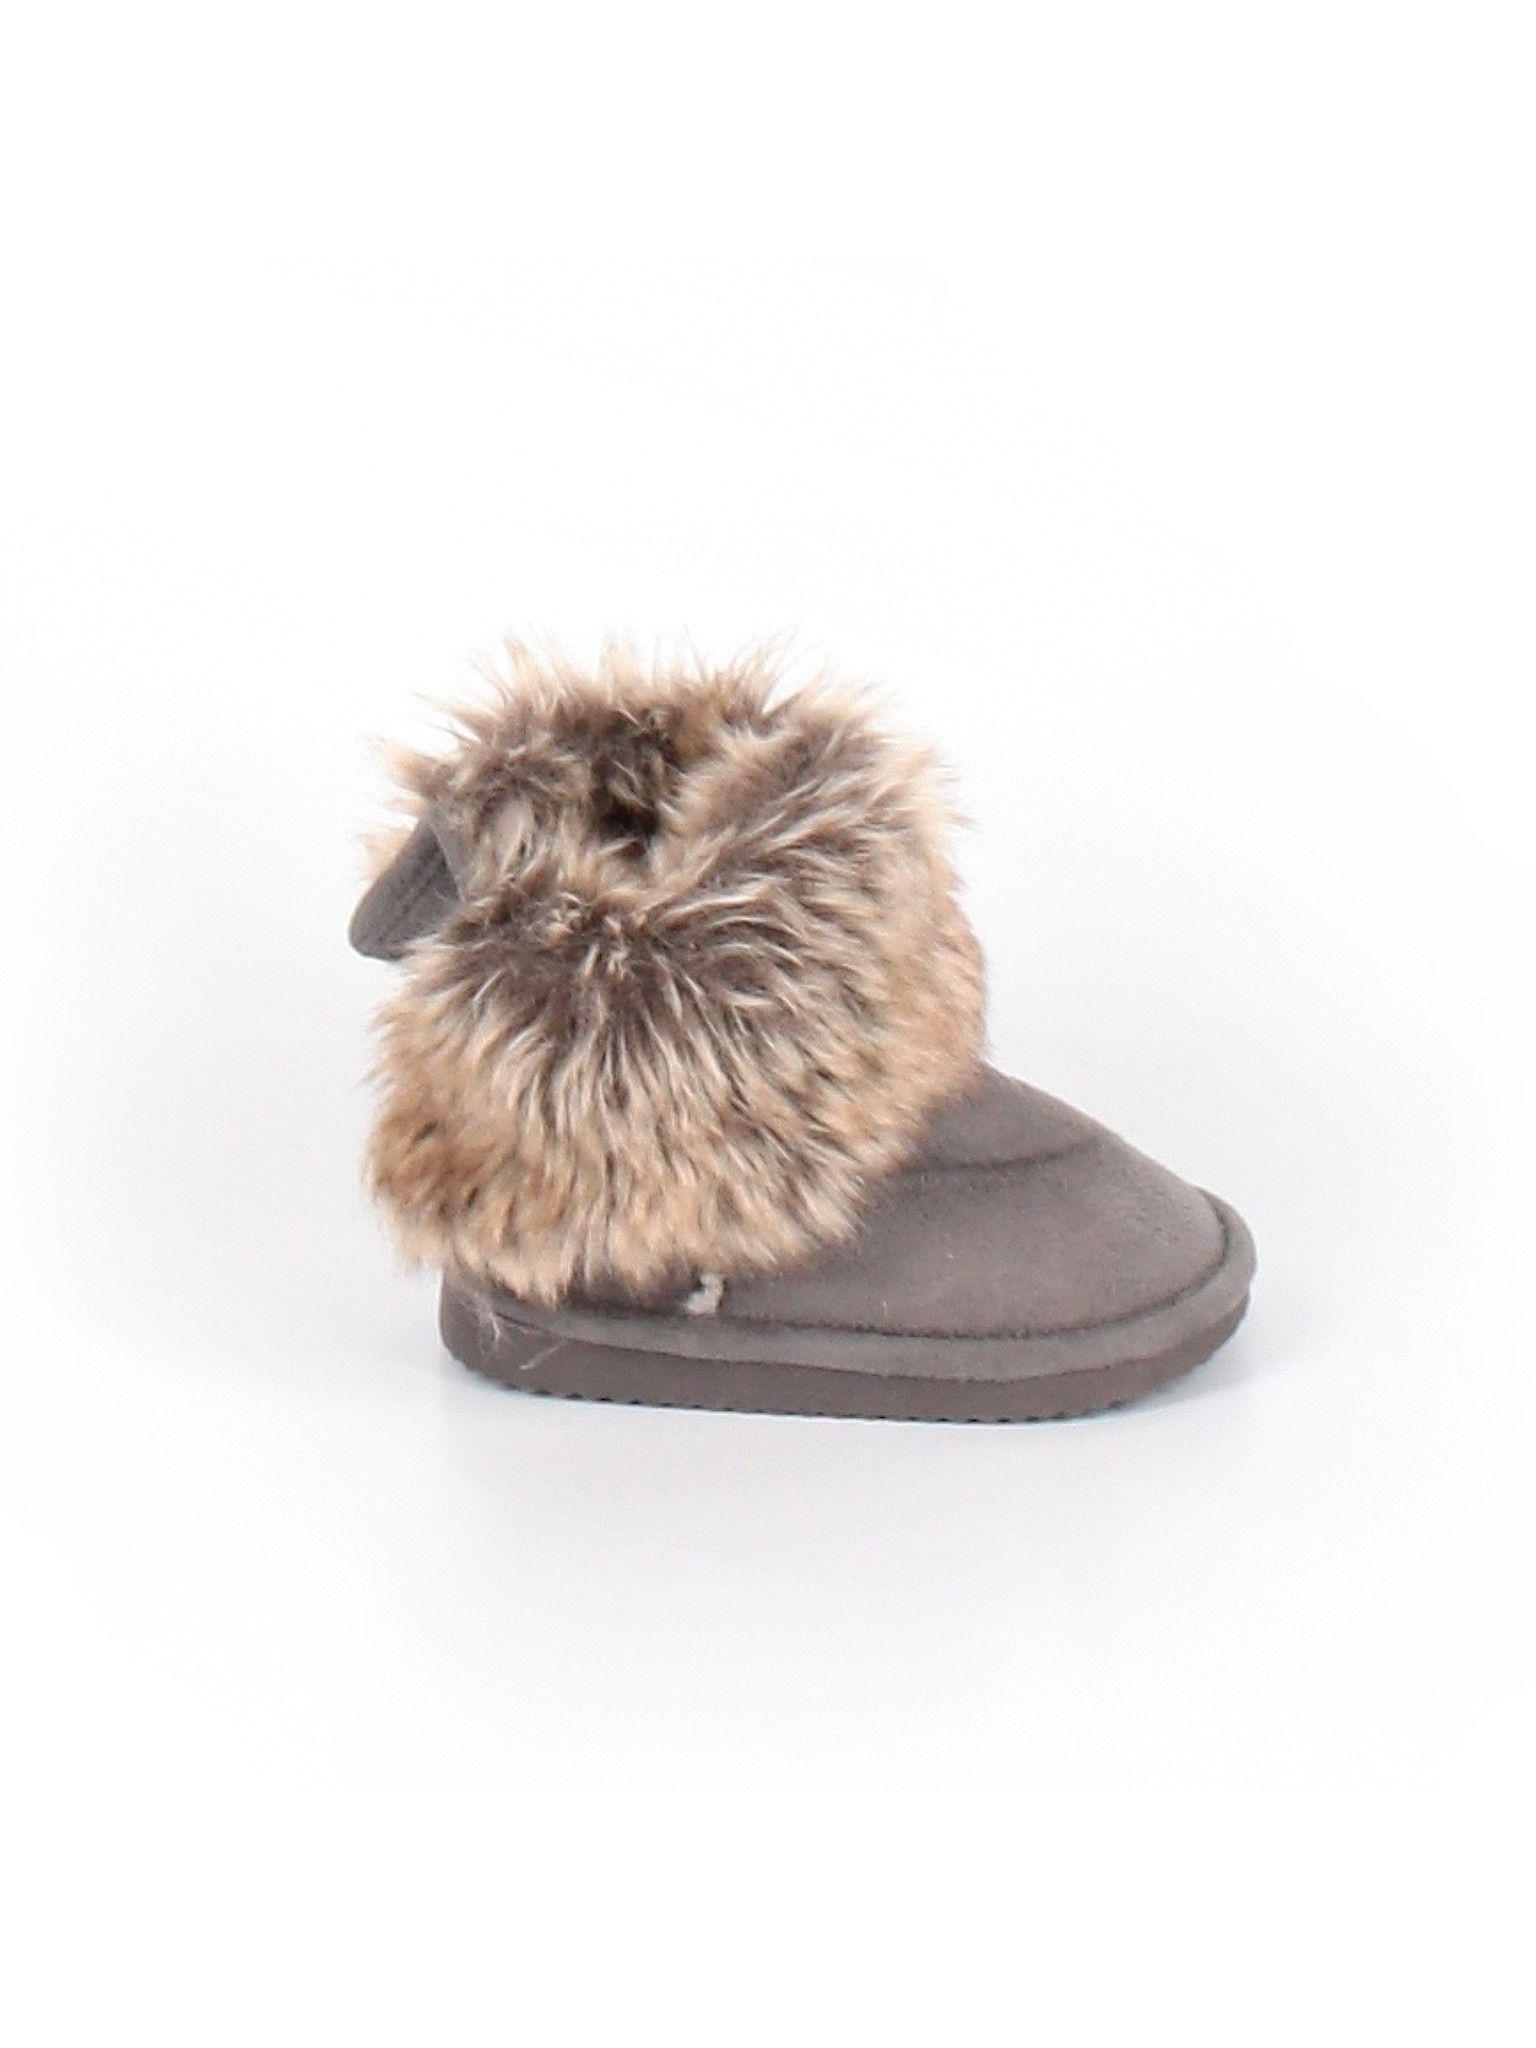 H\u0026m boots, Girls winter boots, Kids boots